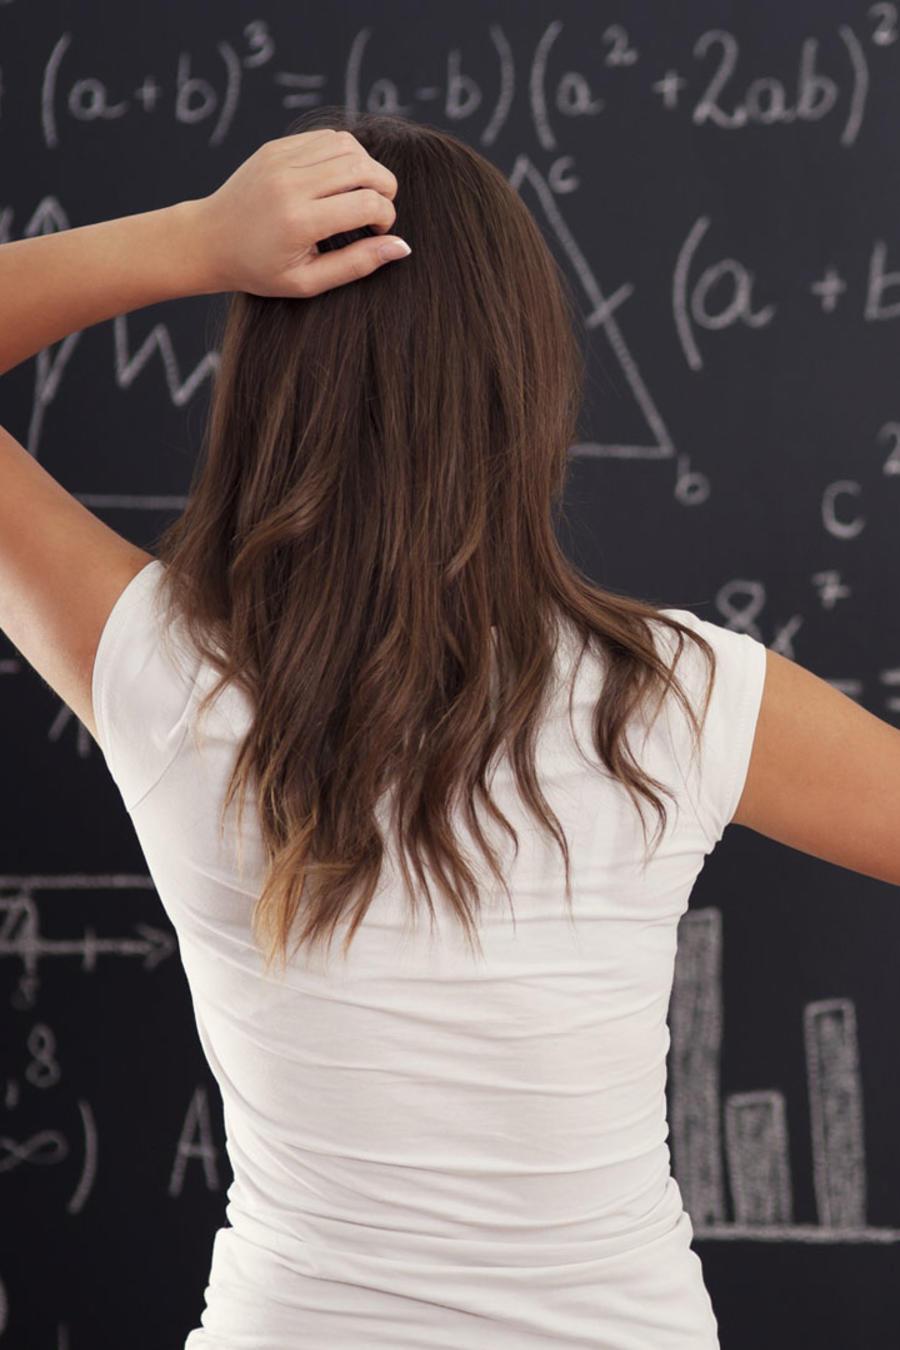 5 tips para mejorar tus habilidades matemáticas